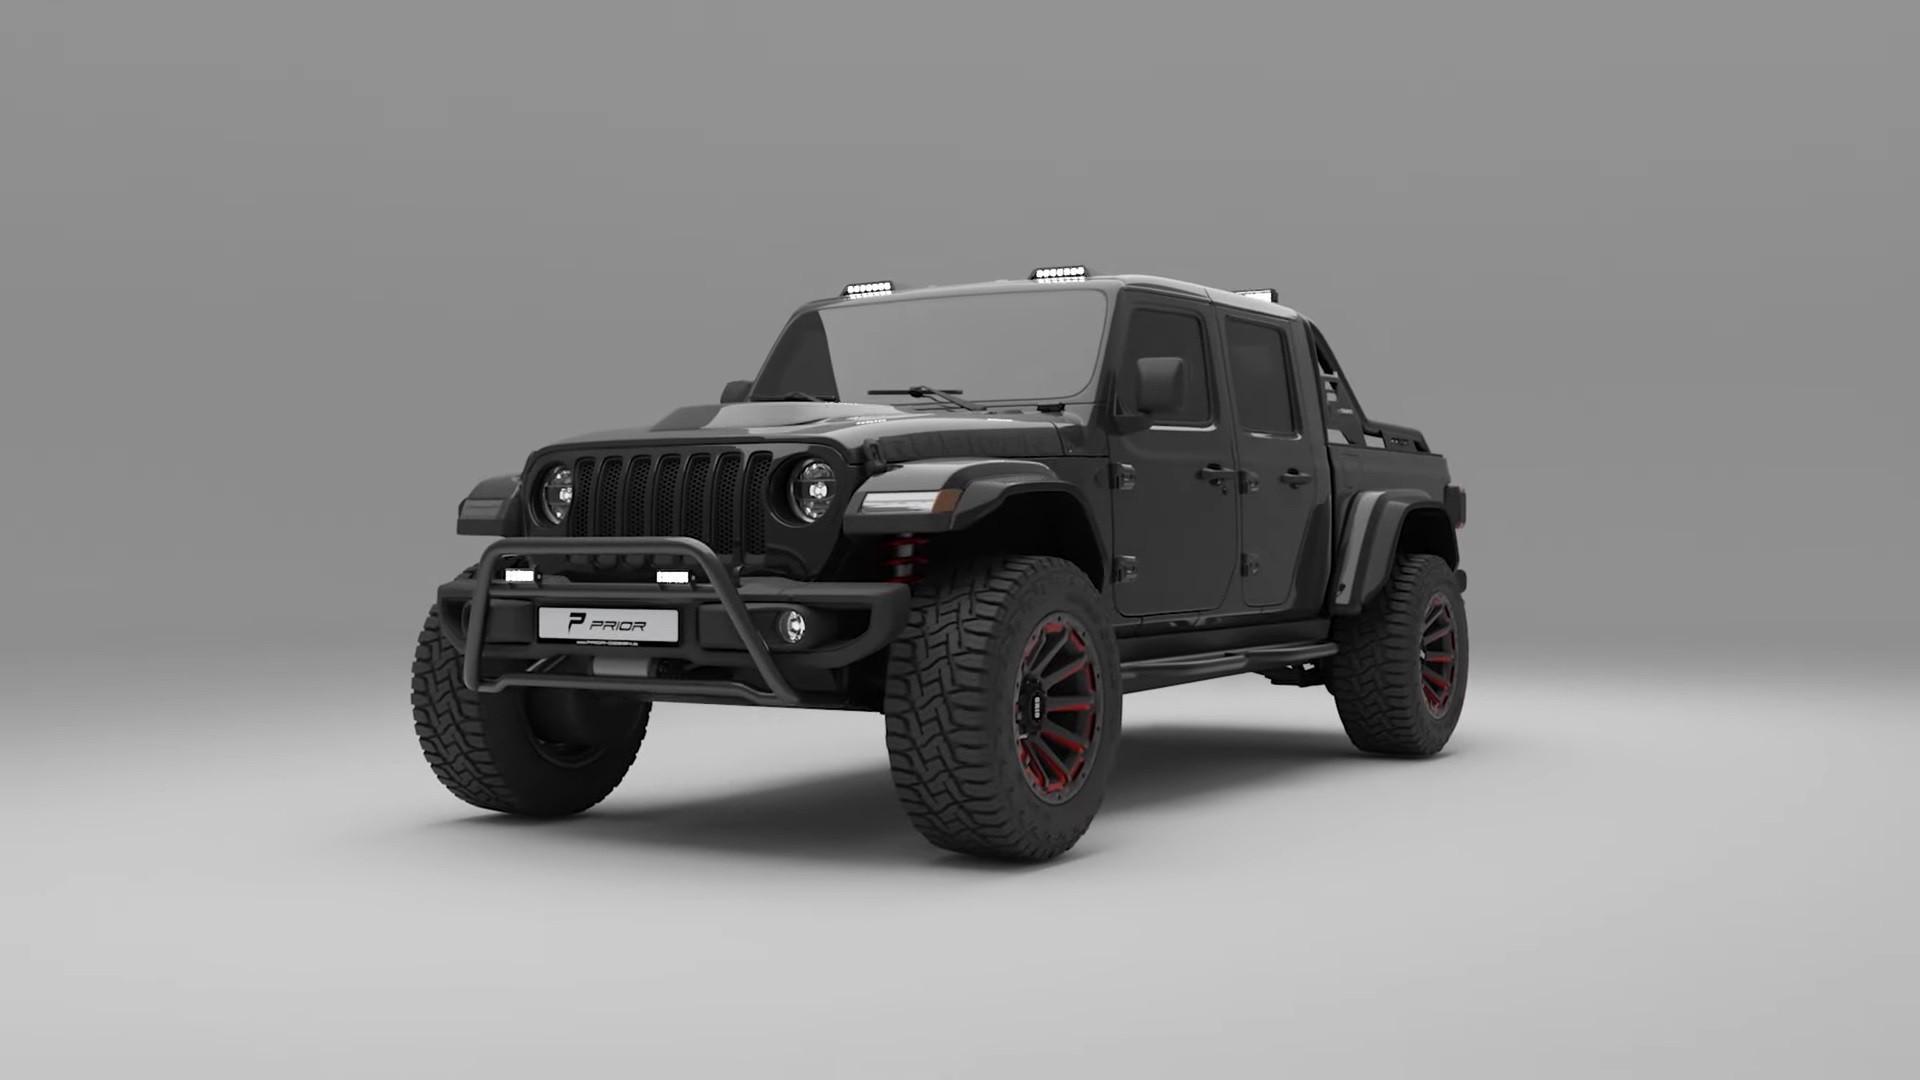 Jeep_Gladiator_Rubicon_by_Prior_Design-0011